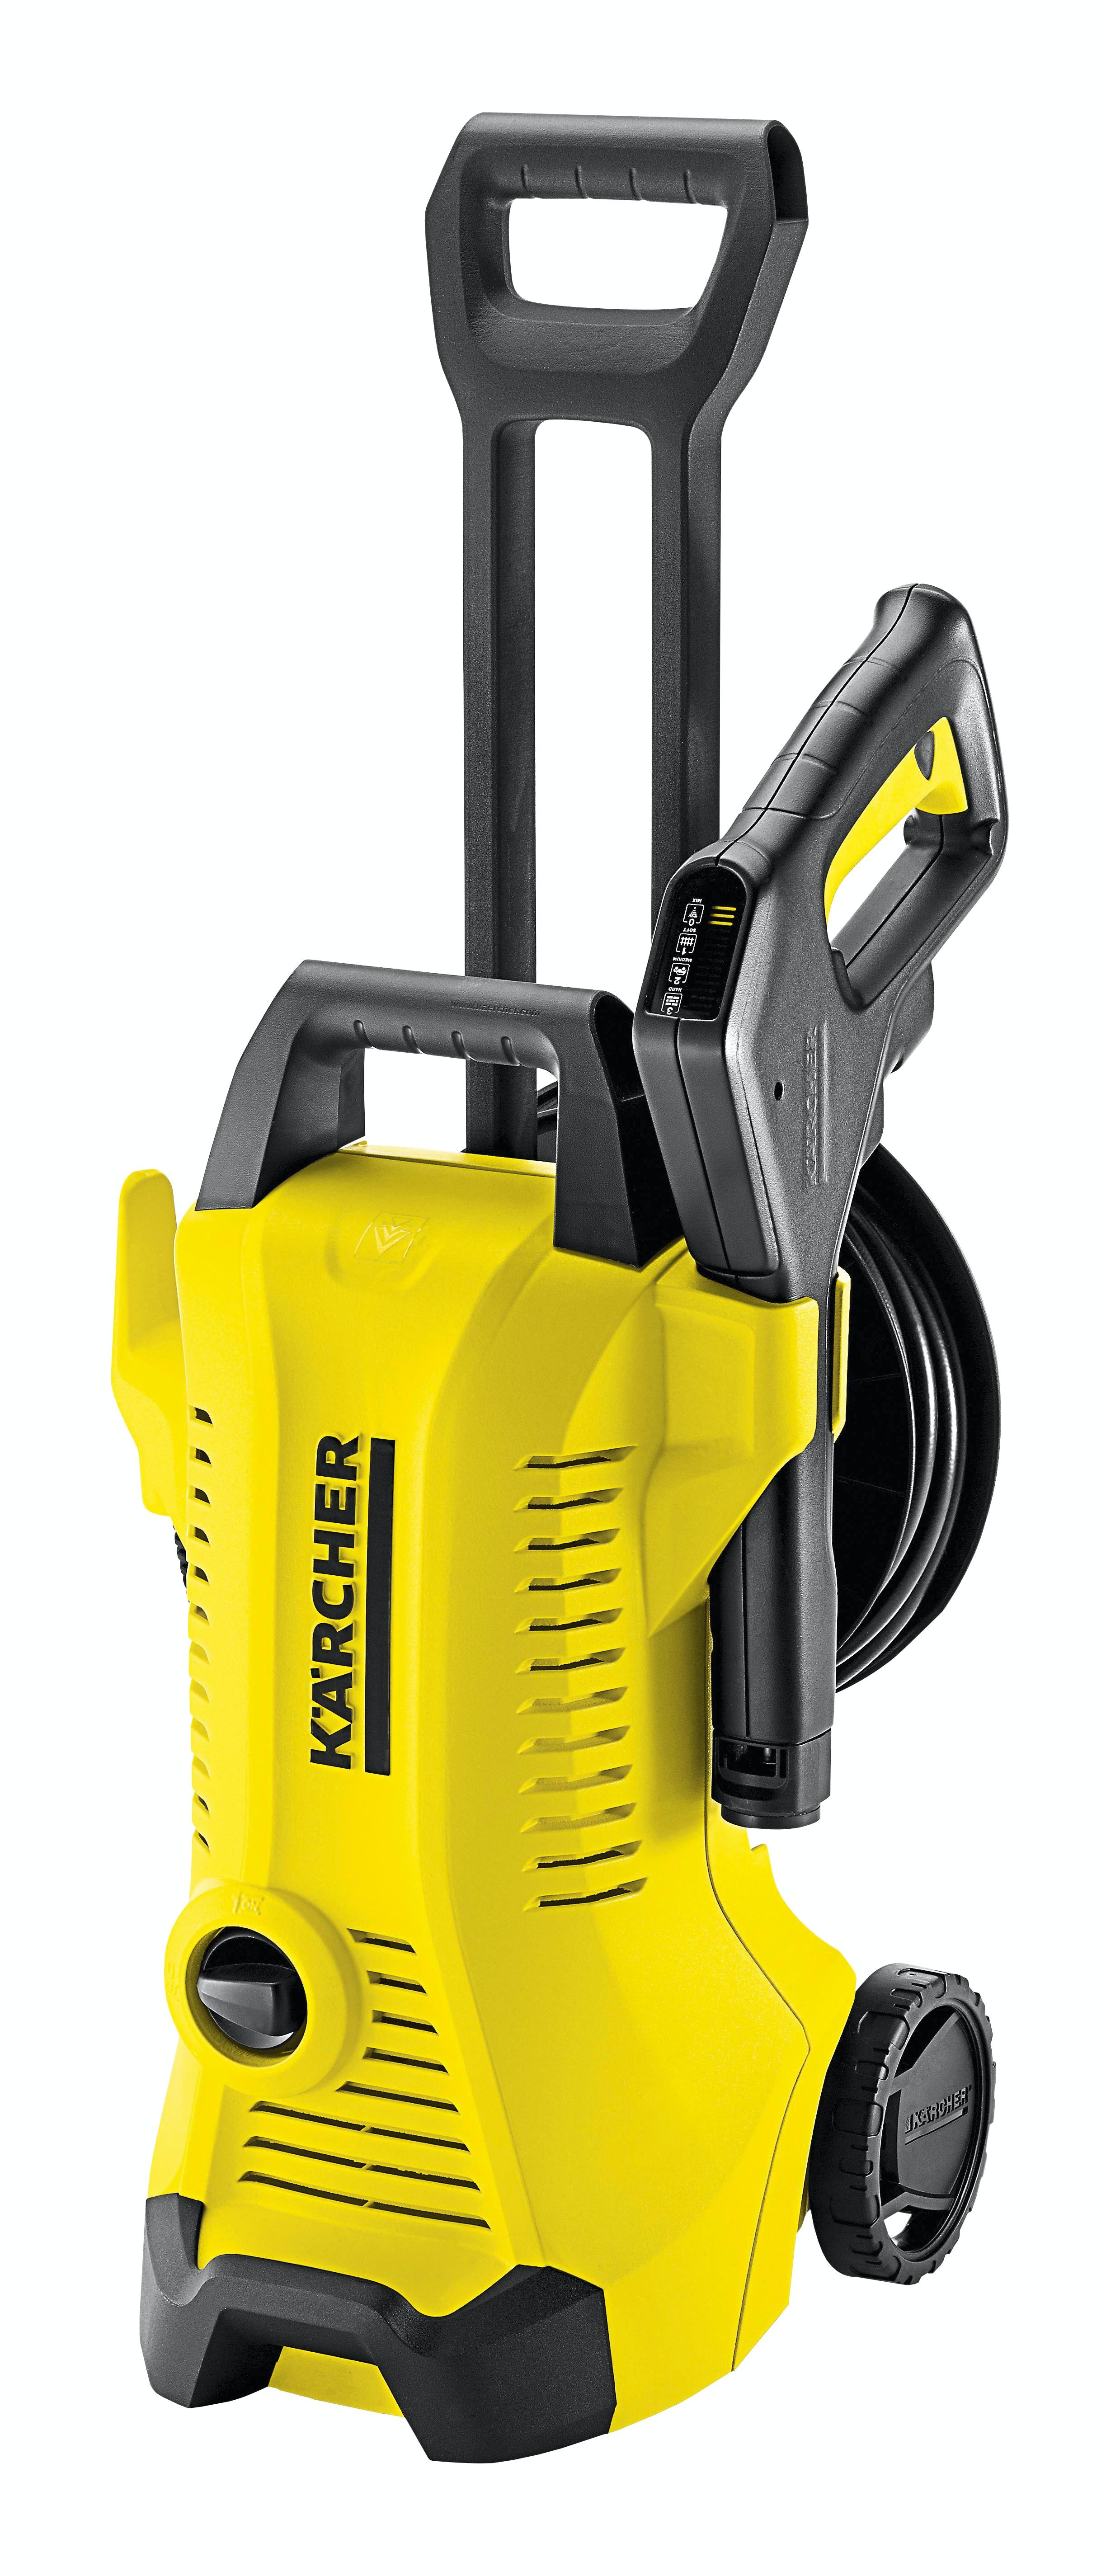 Högtryckstvätt Kärcher K3 Full Control Premium 1,6kW